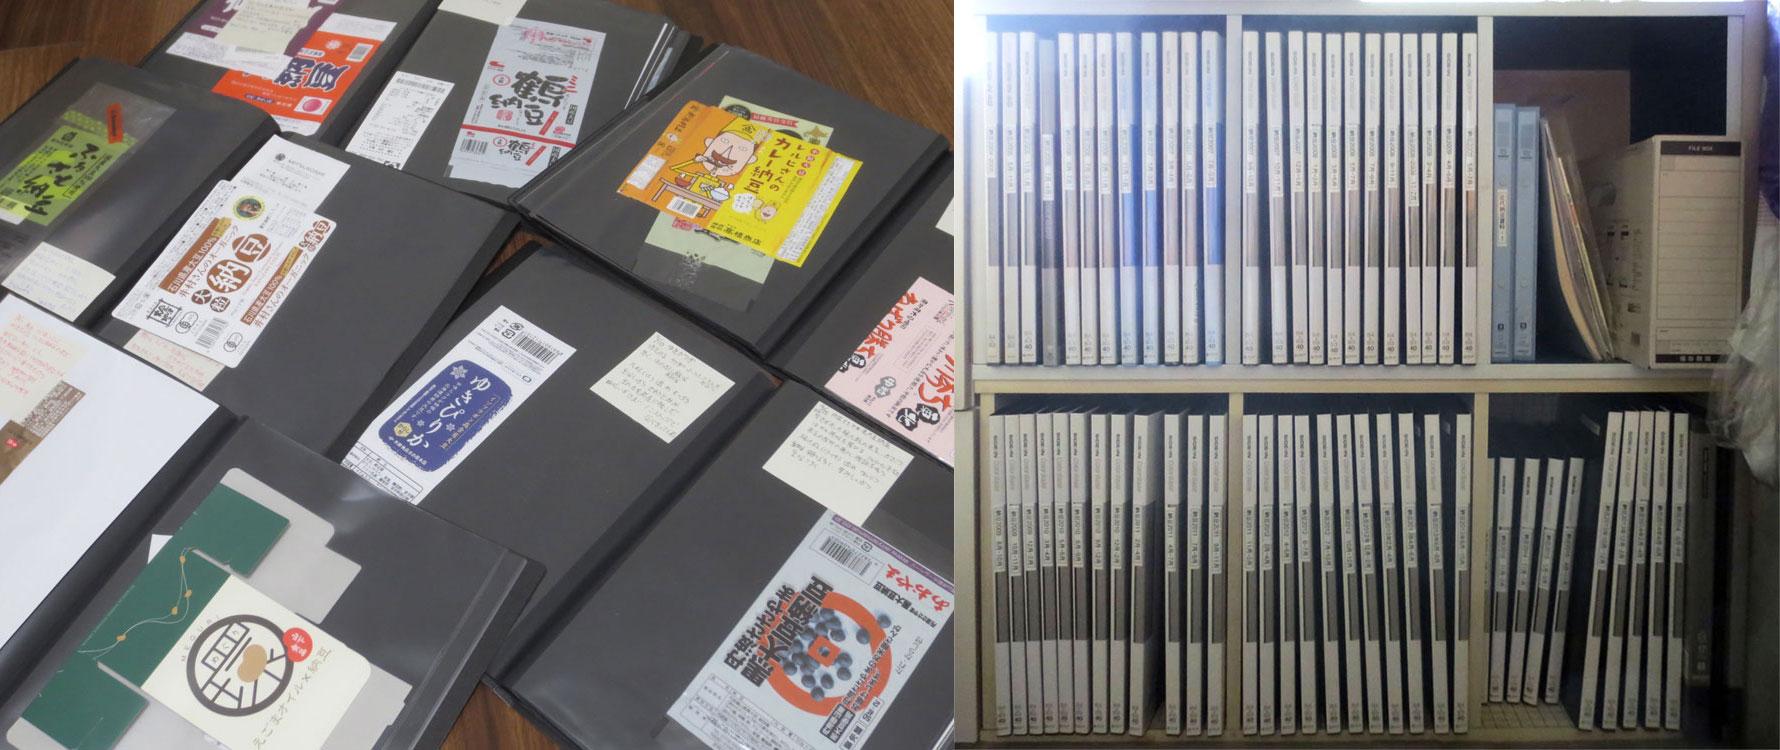 納豆の掛け紙を整理したファイル